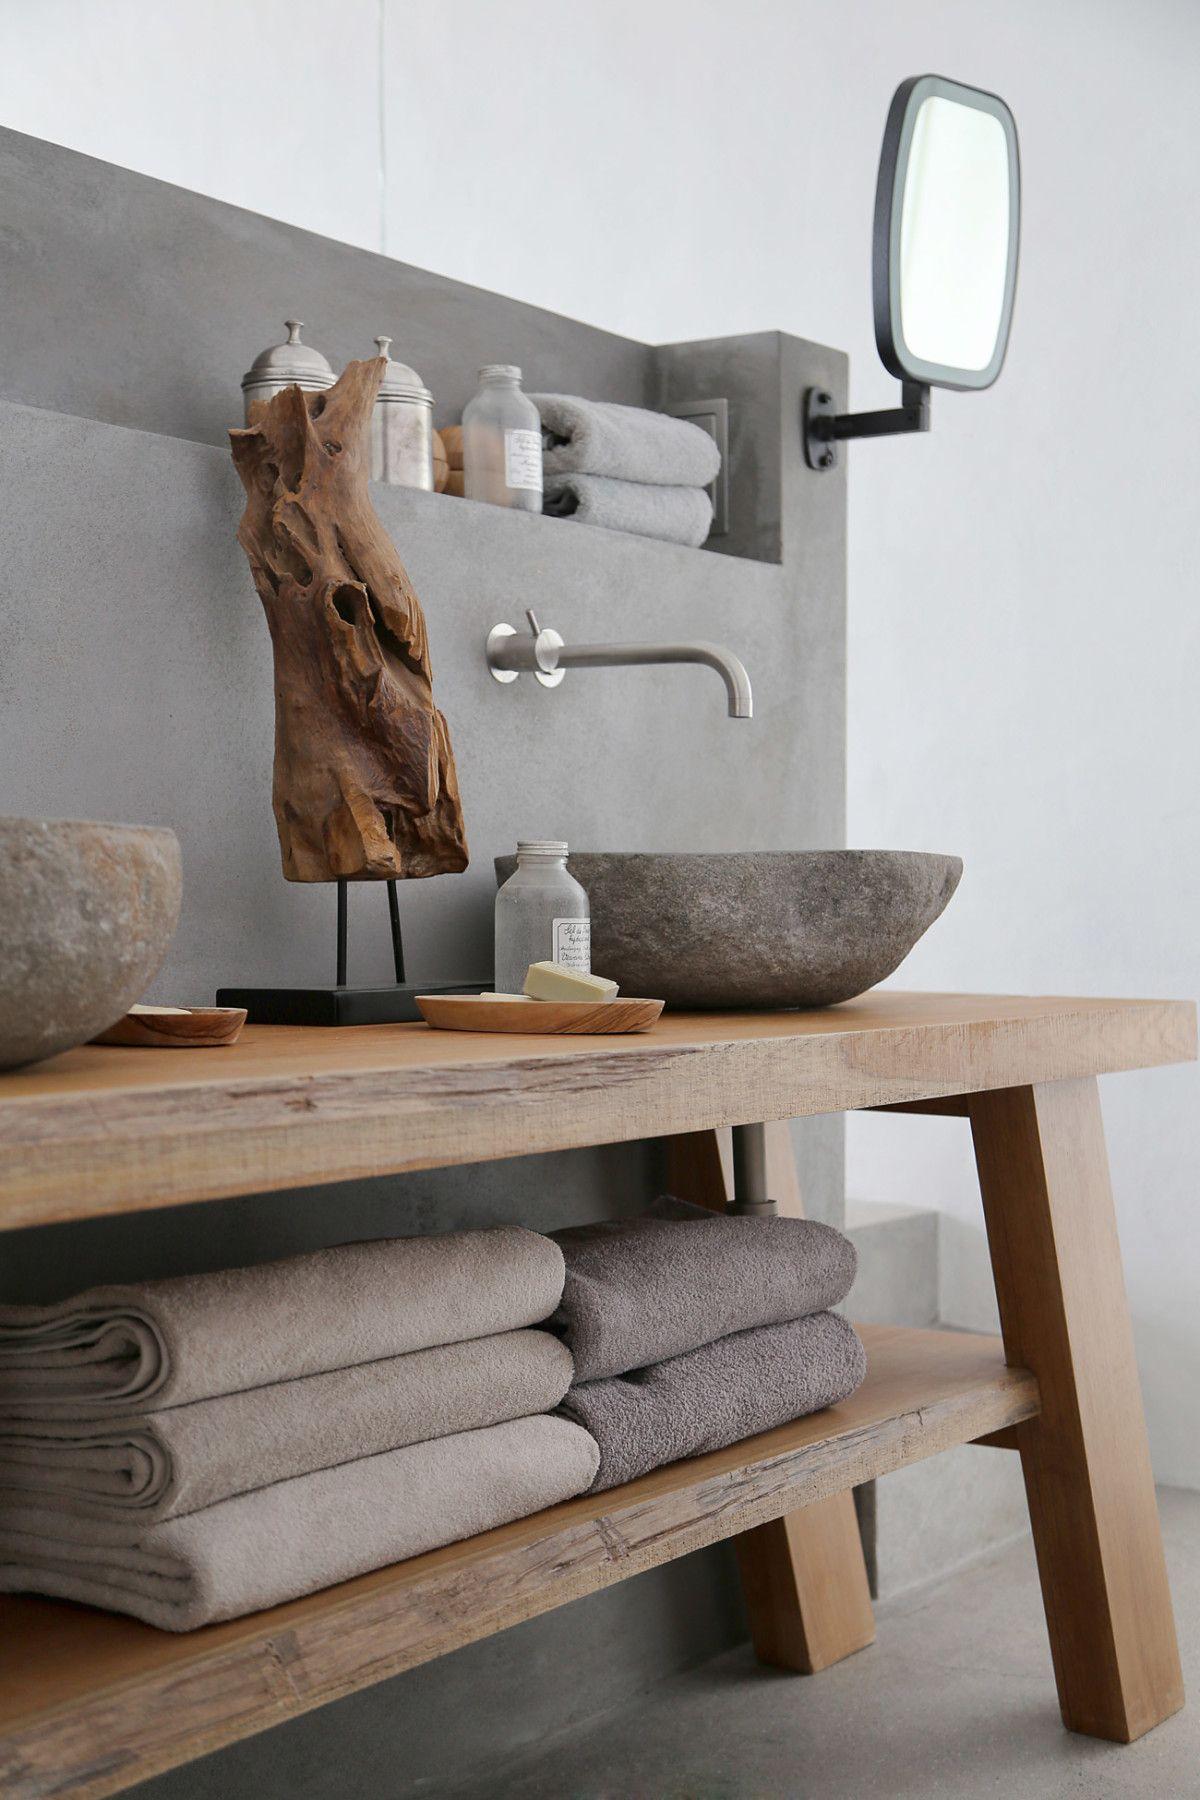 Fliesen ideen um badezimmer eitelkeit sommer auf syros  sommerhaus architekten und badezimmer